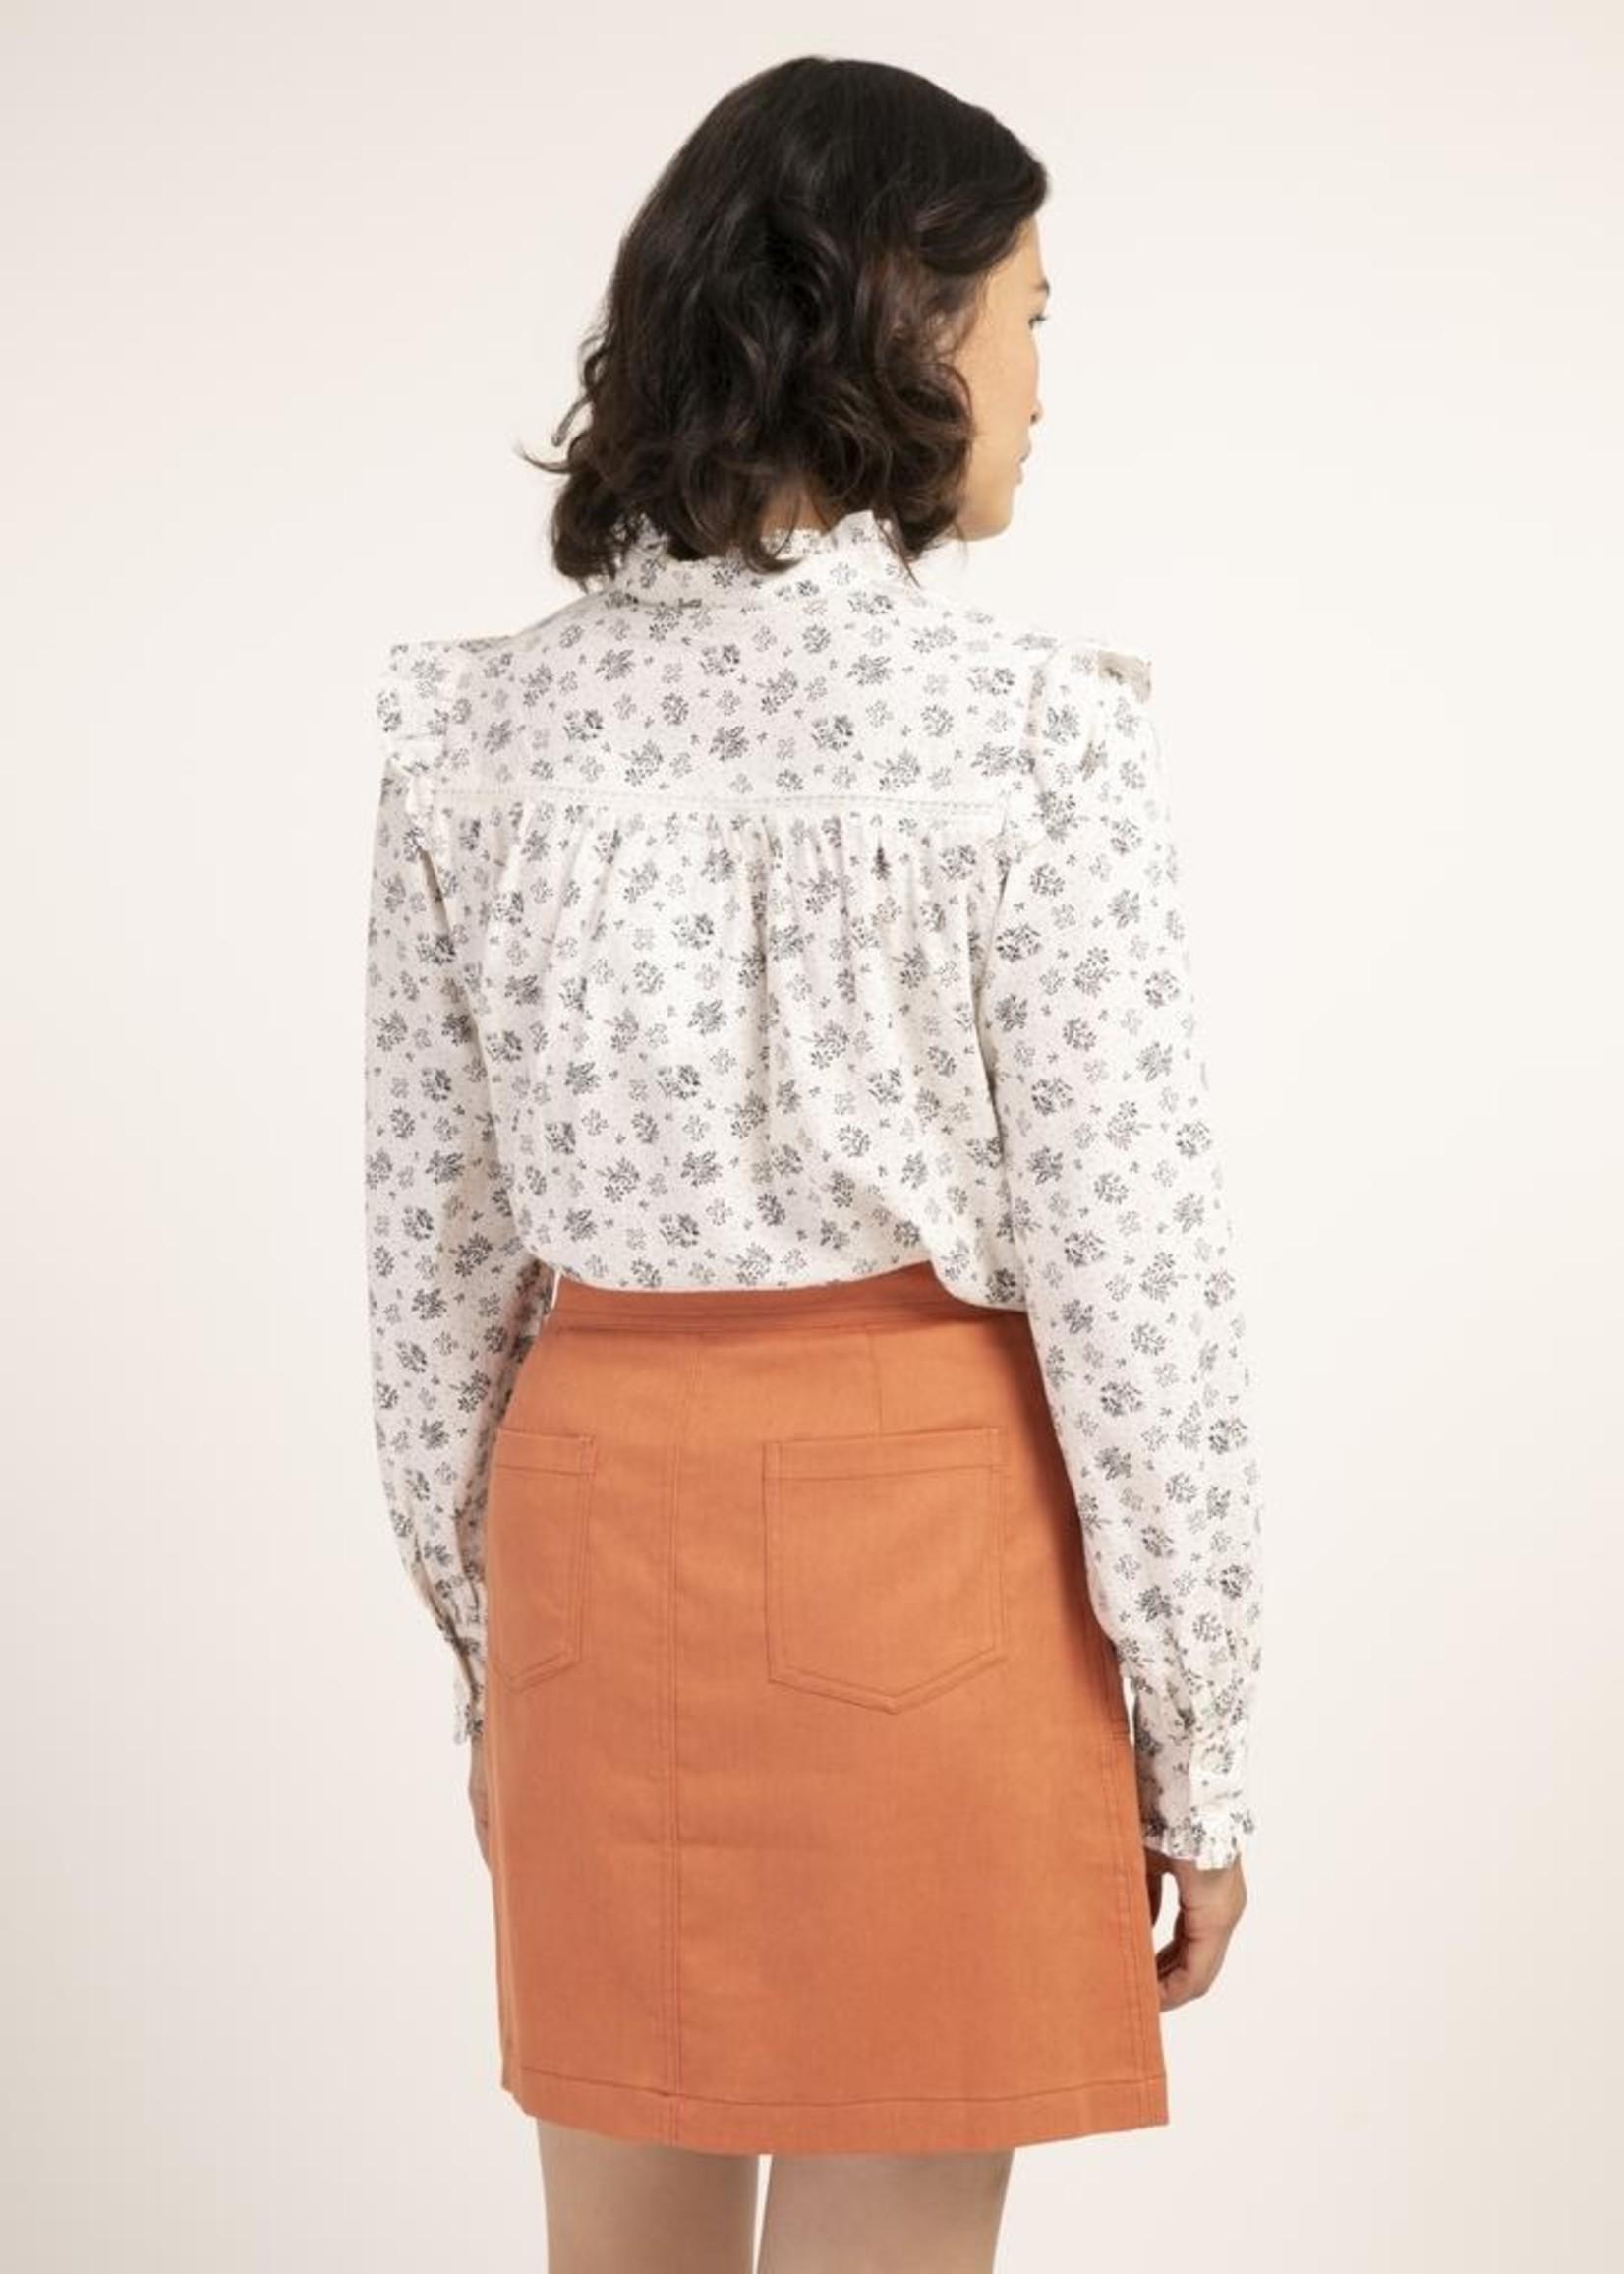 Elitaire Boutique Provence White Floral Shirt